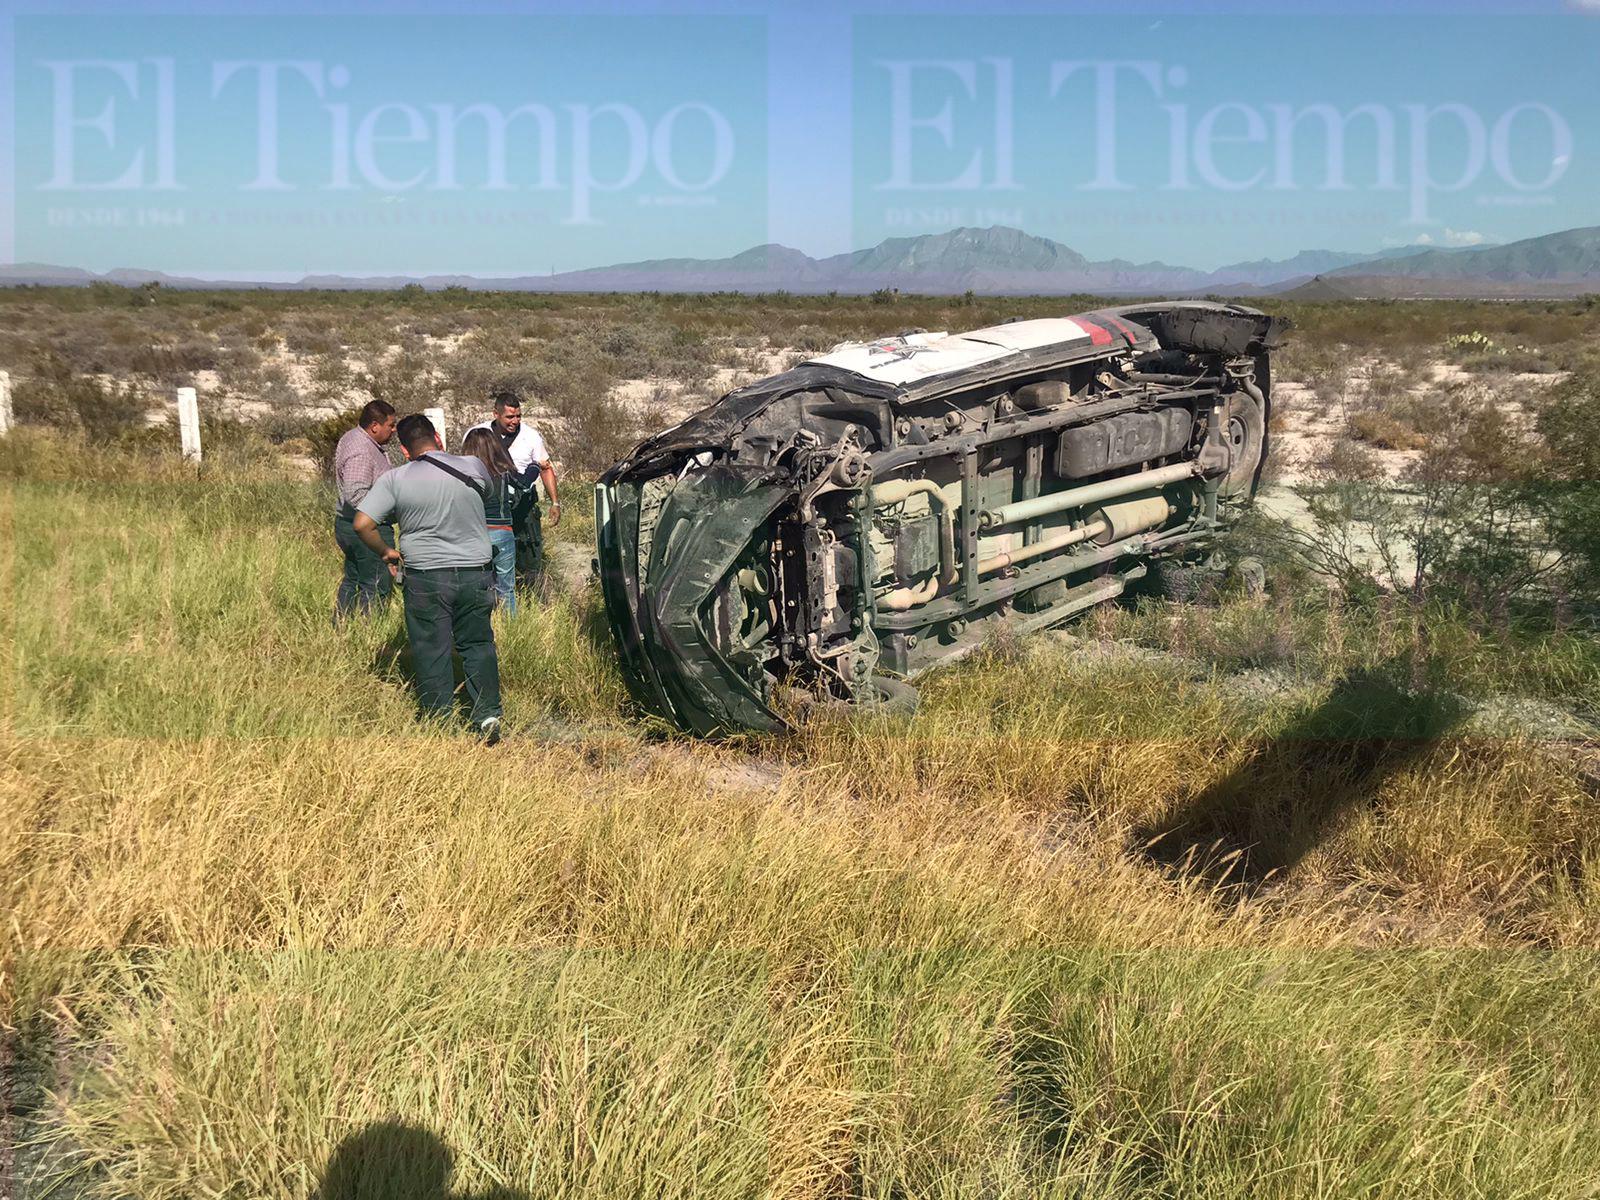 Una patrulla de la Policía Civil de Coahuila vuelca sobre la carretera 57